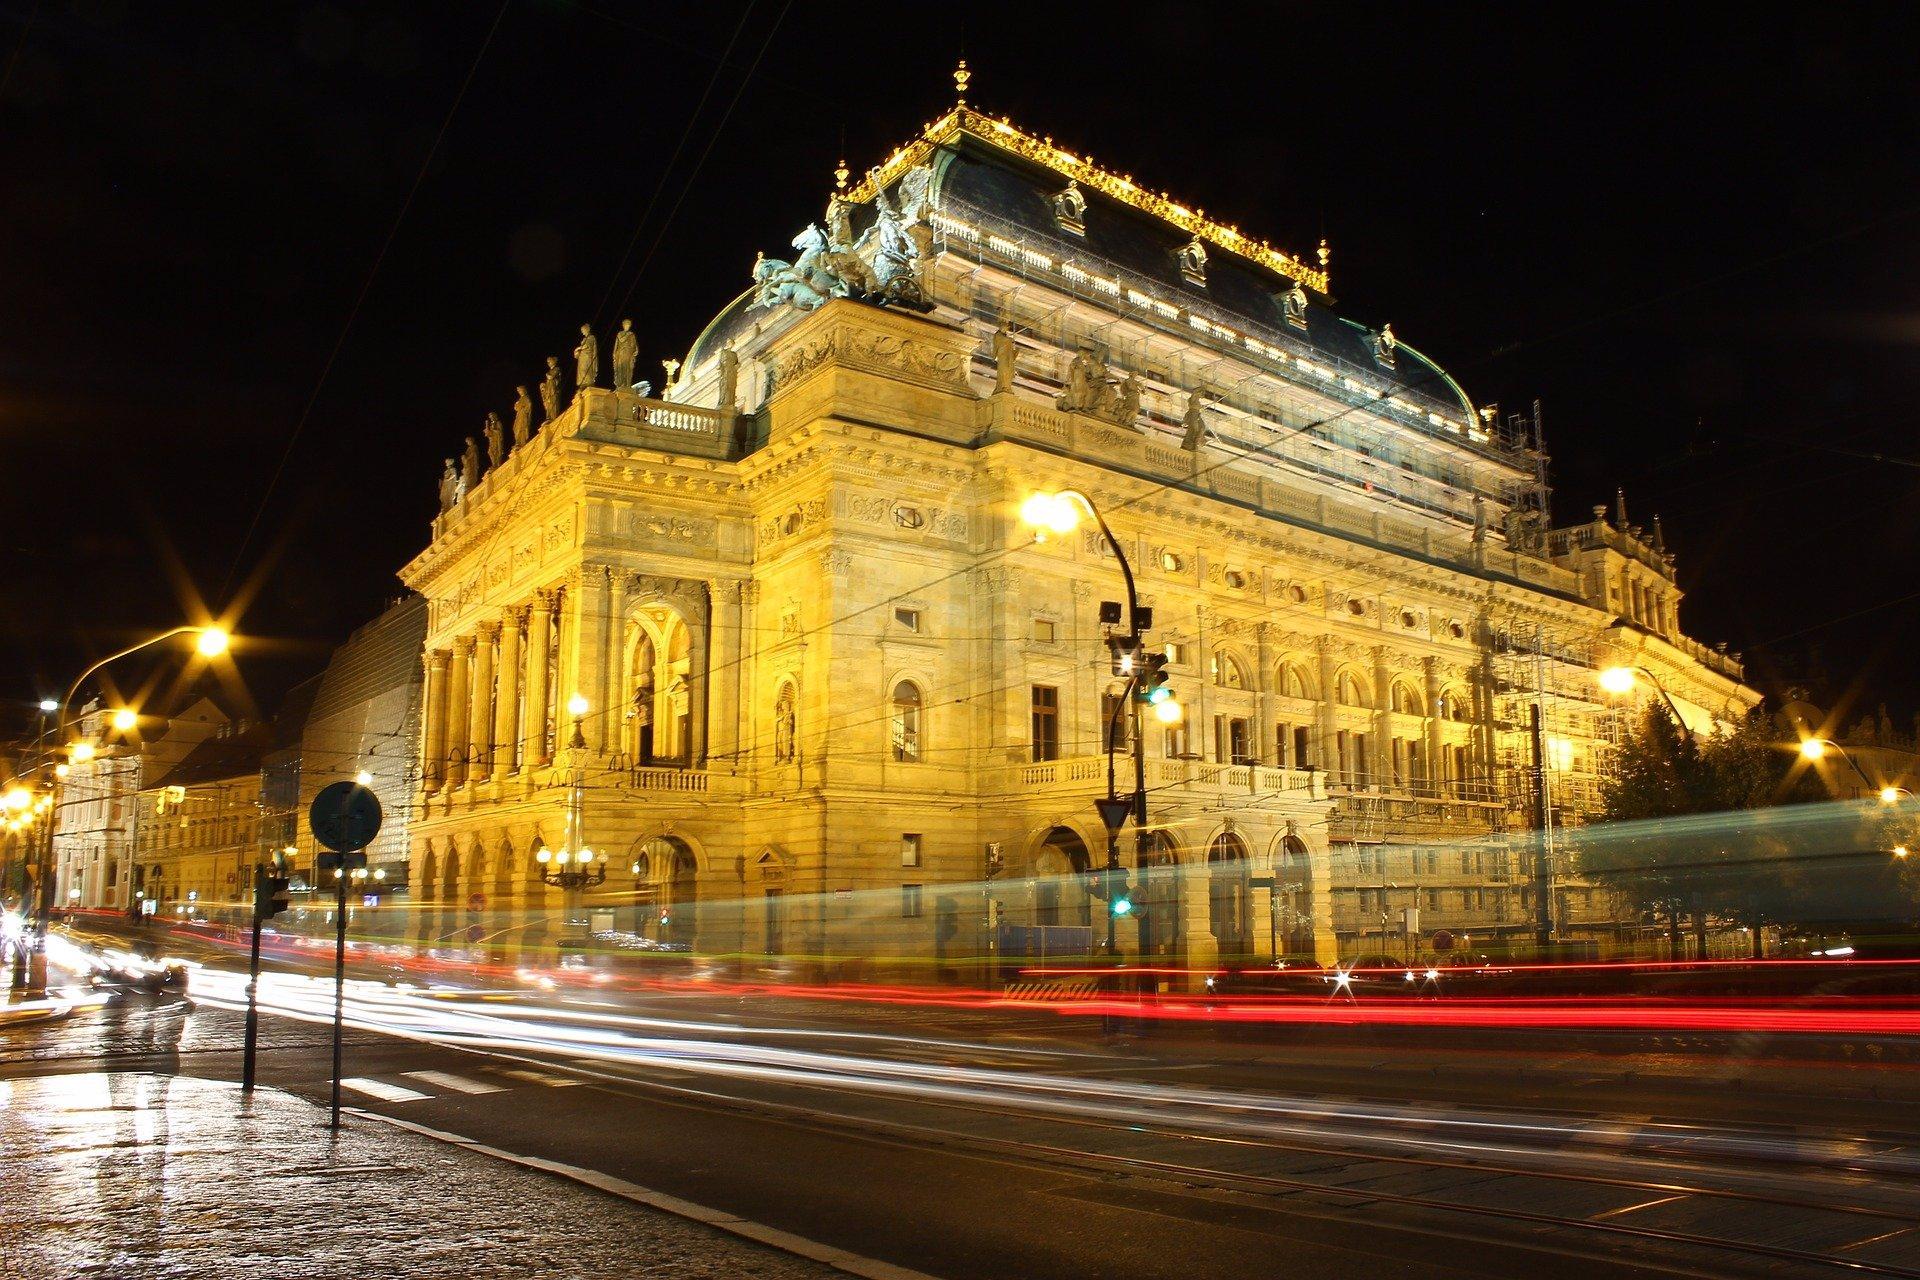 Rodina odmítla ponižovat Miloše Nesvadbu v Národním divadle. Kde nakonec bude pohřeb?